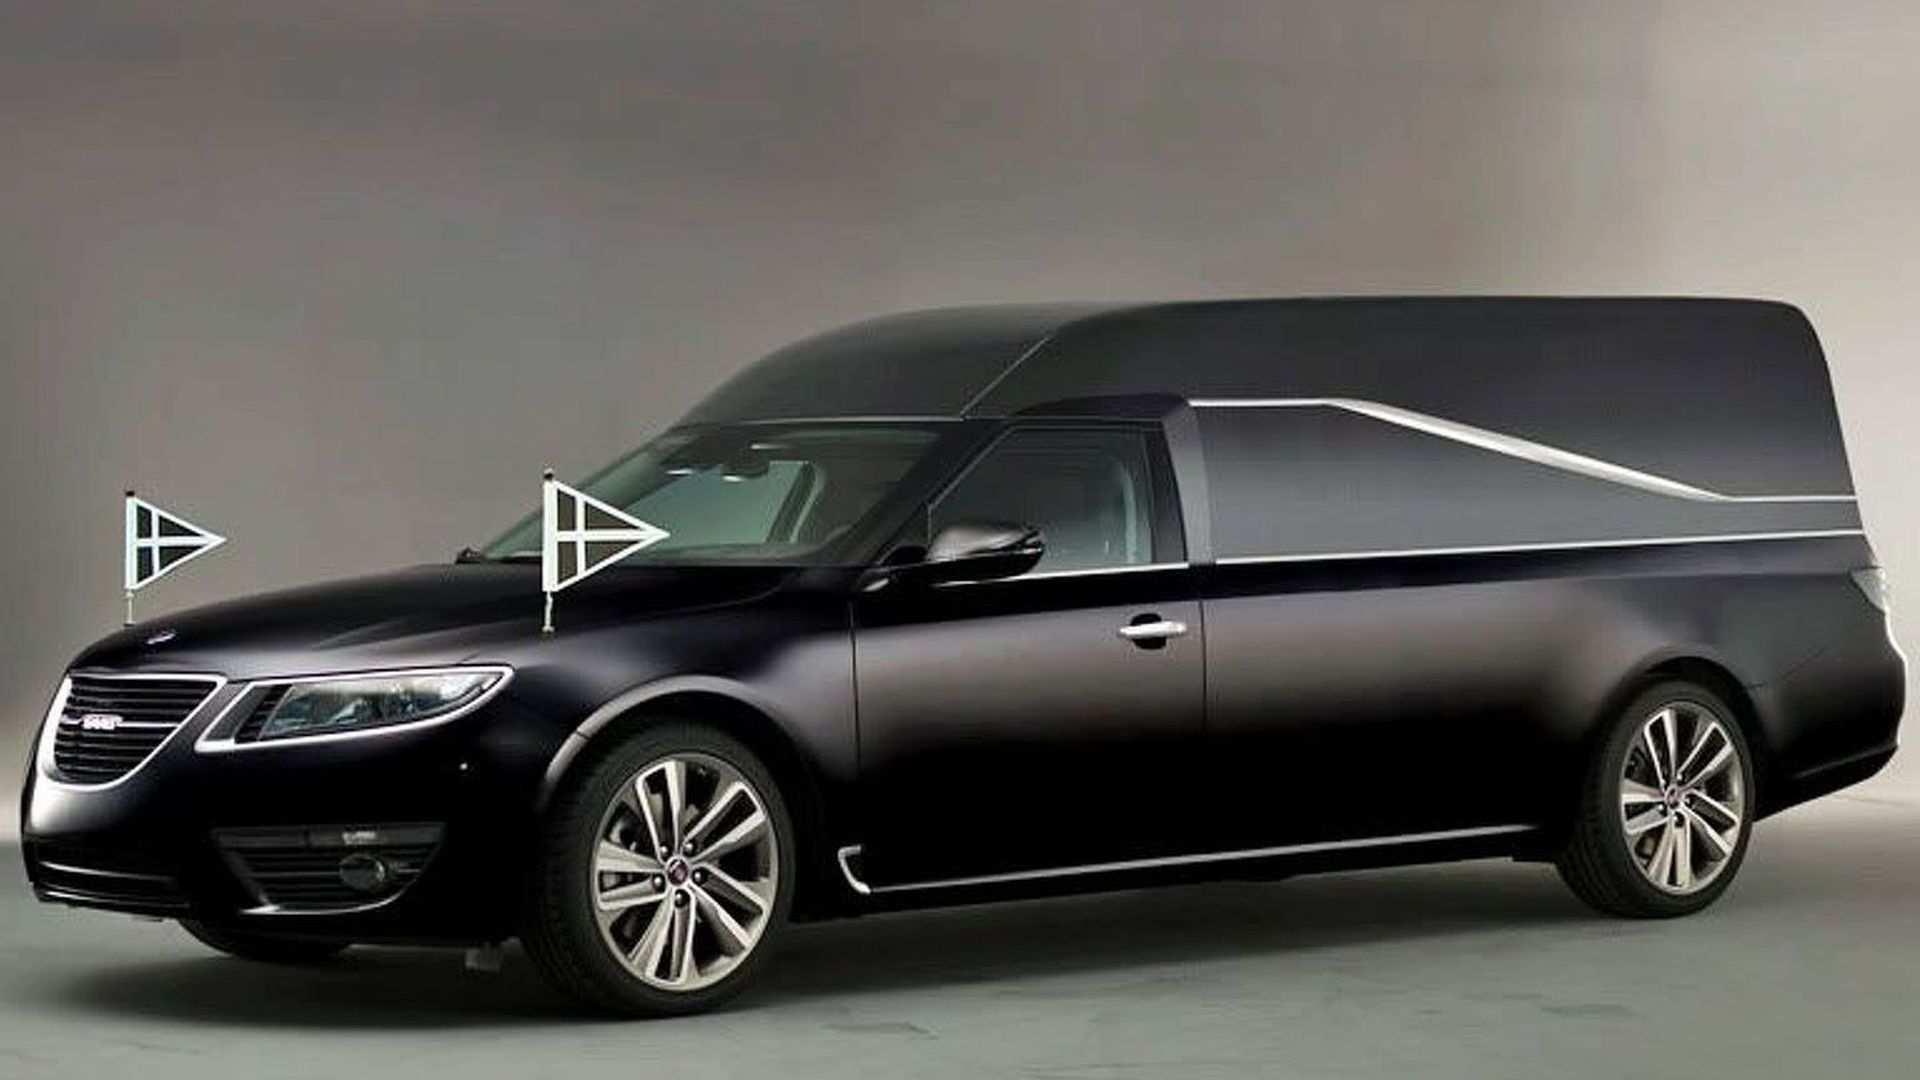 15 Gallery of 2020 Saab 9 5 Model by 2020 Saab 9 5